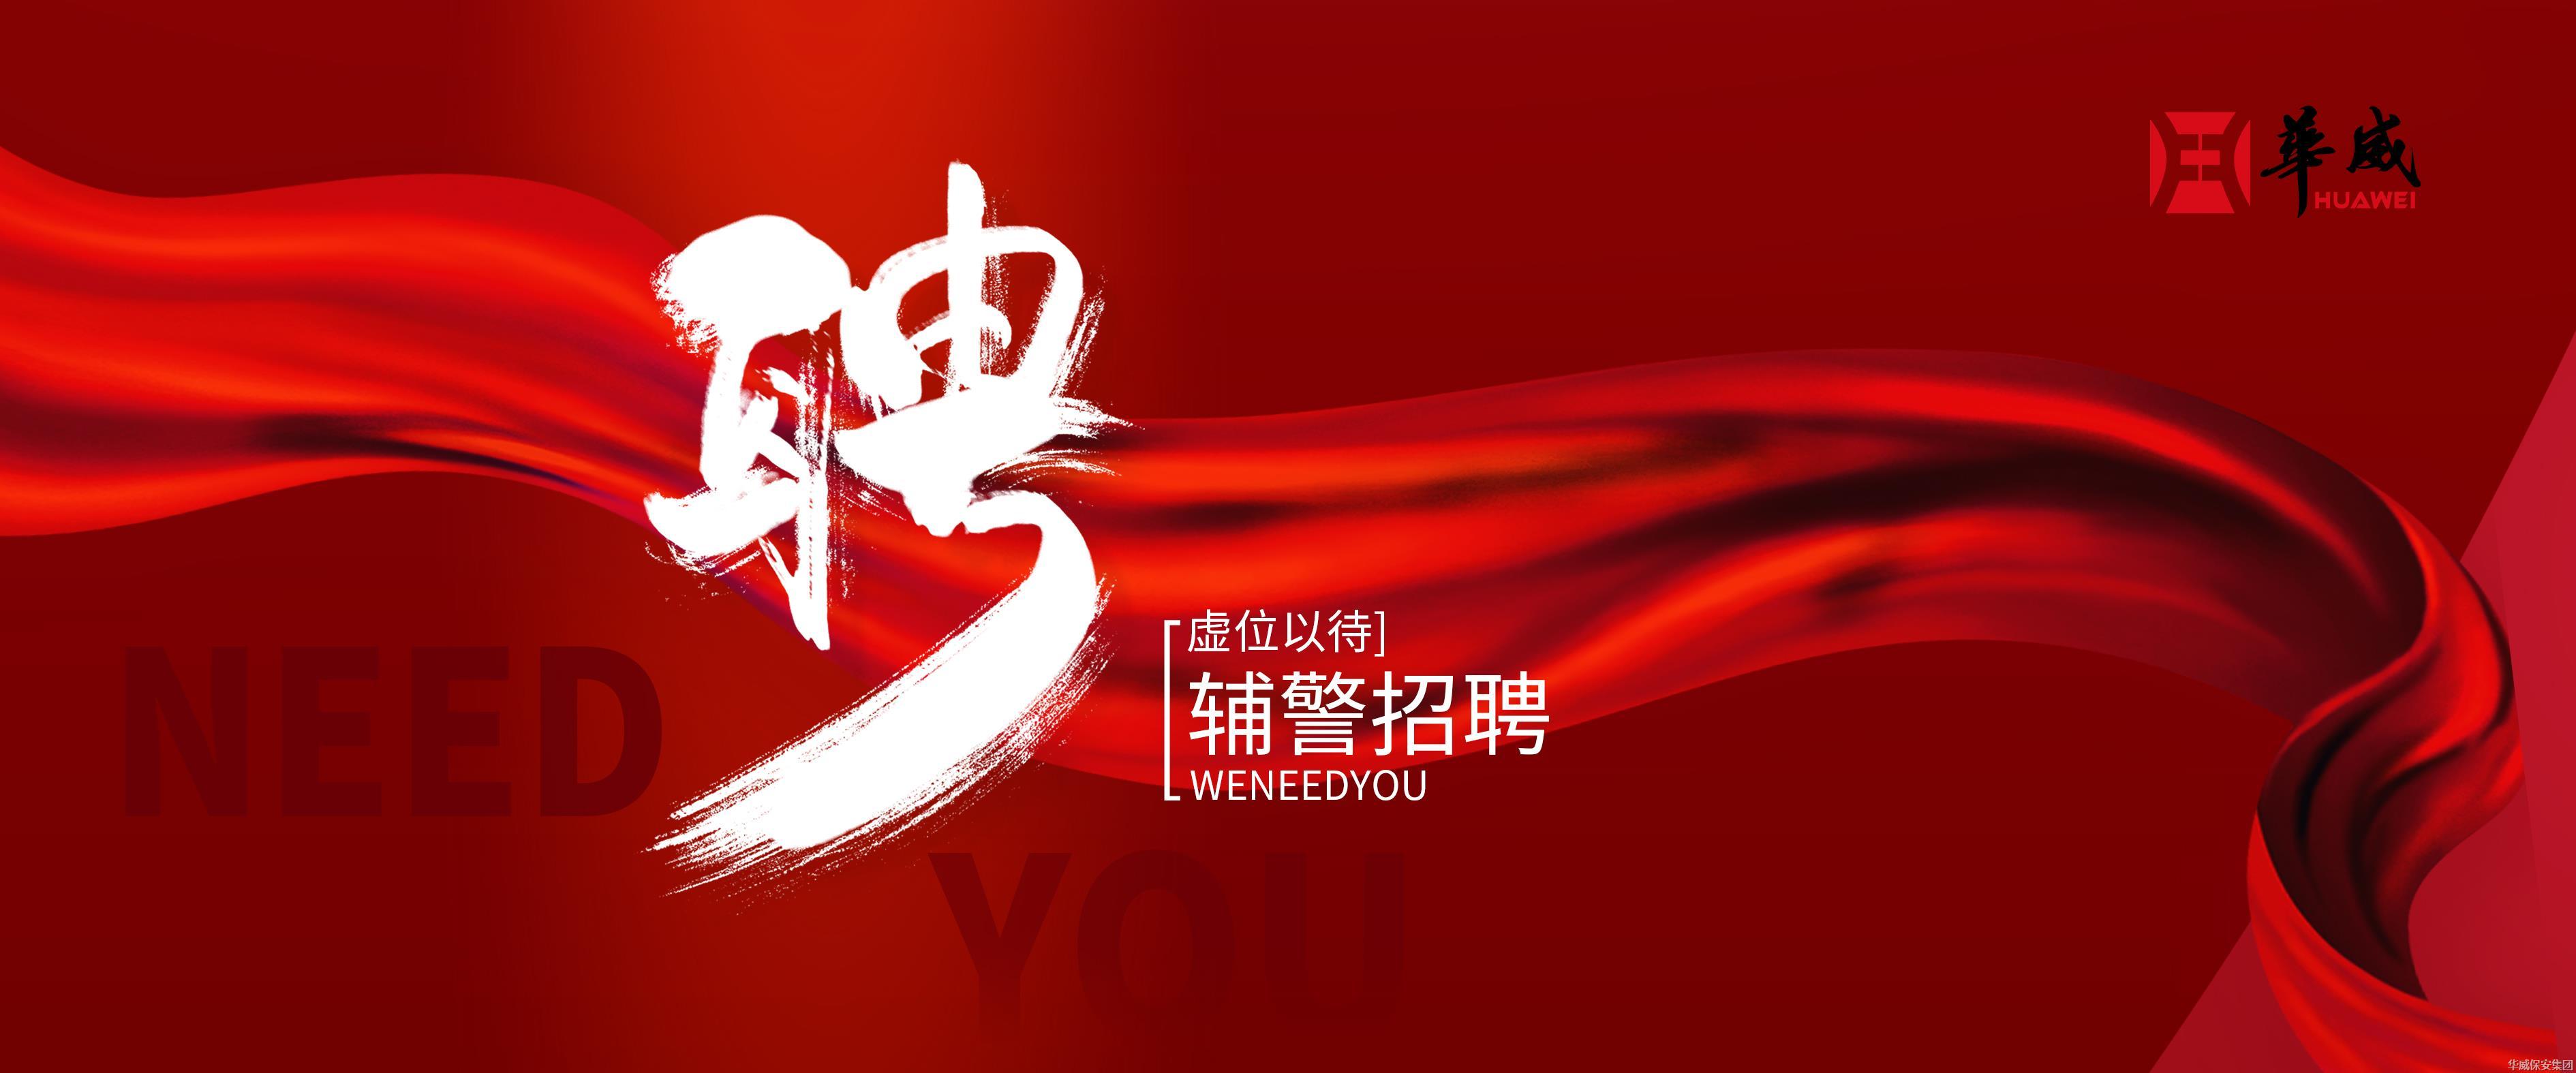 山東華威保安集團面向社會公開招聘留置看護輔警的公告